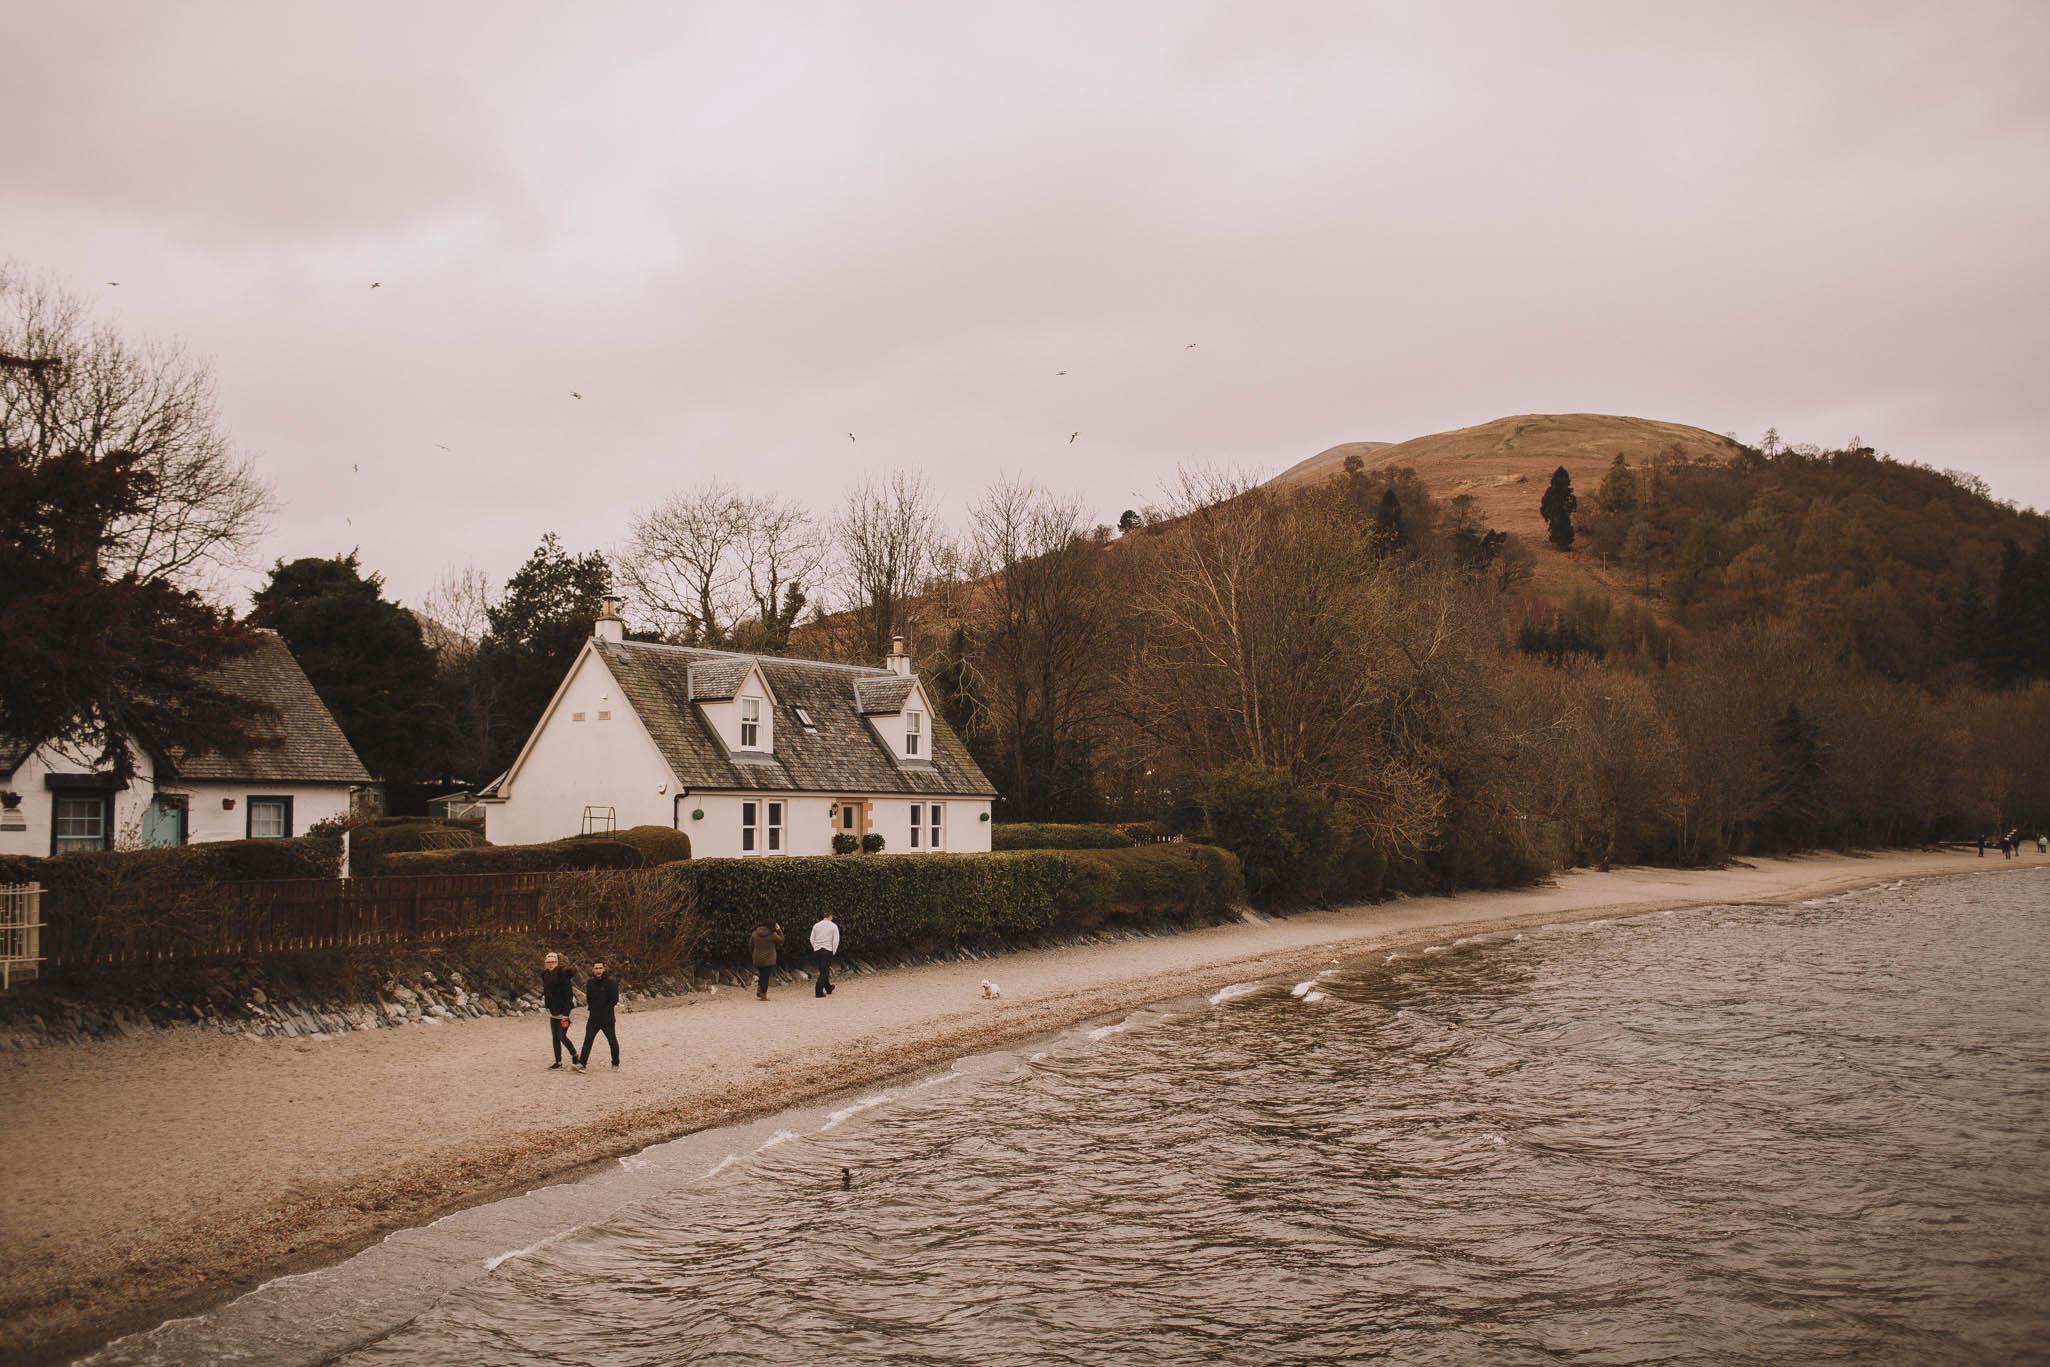 Scotland-wedding-photographer-jeremy-boyer-photographe-mariage-ecosse-voyage-road-trip-travel-1.jpg